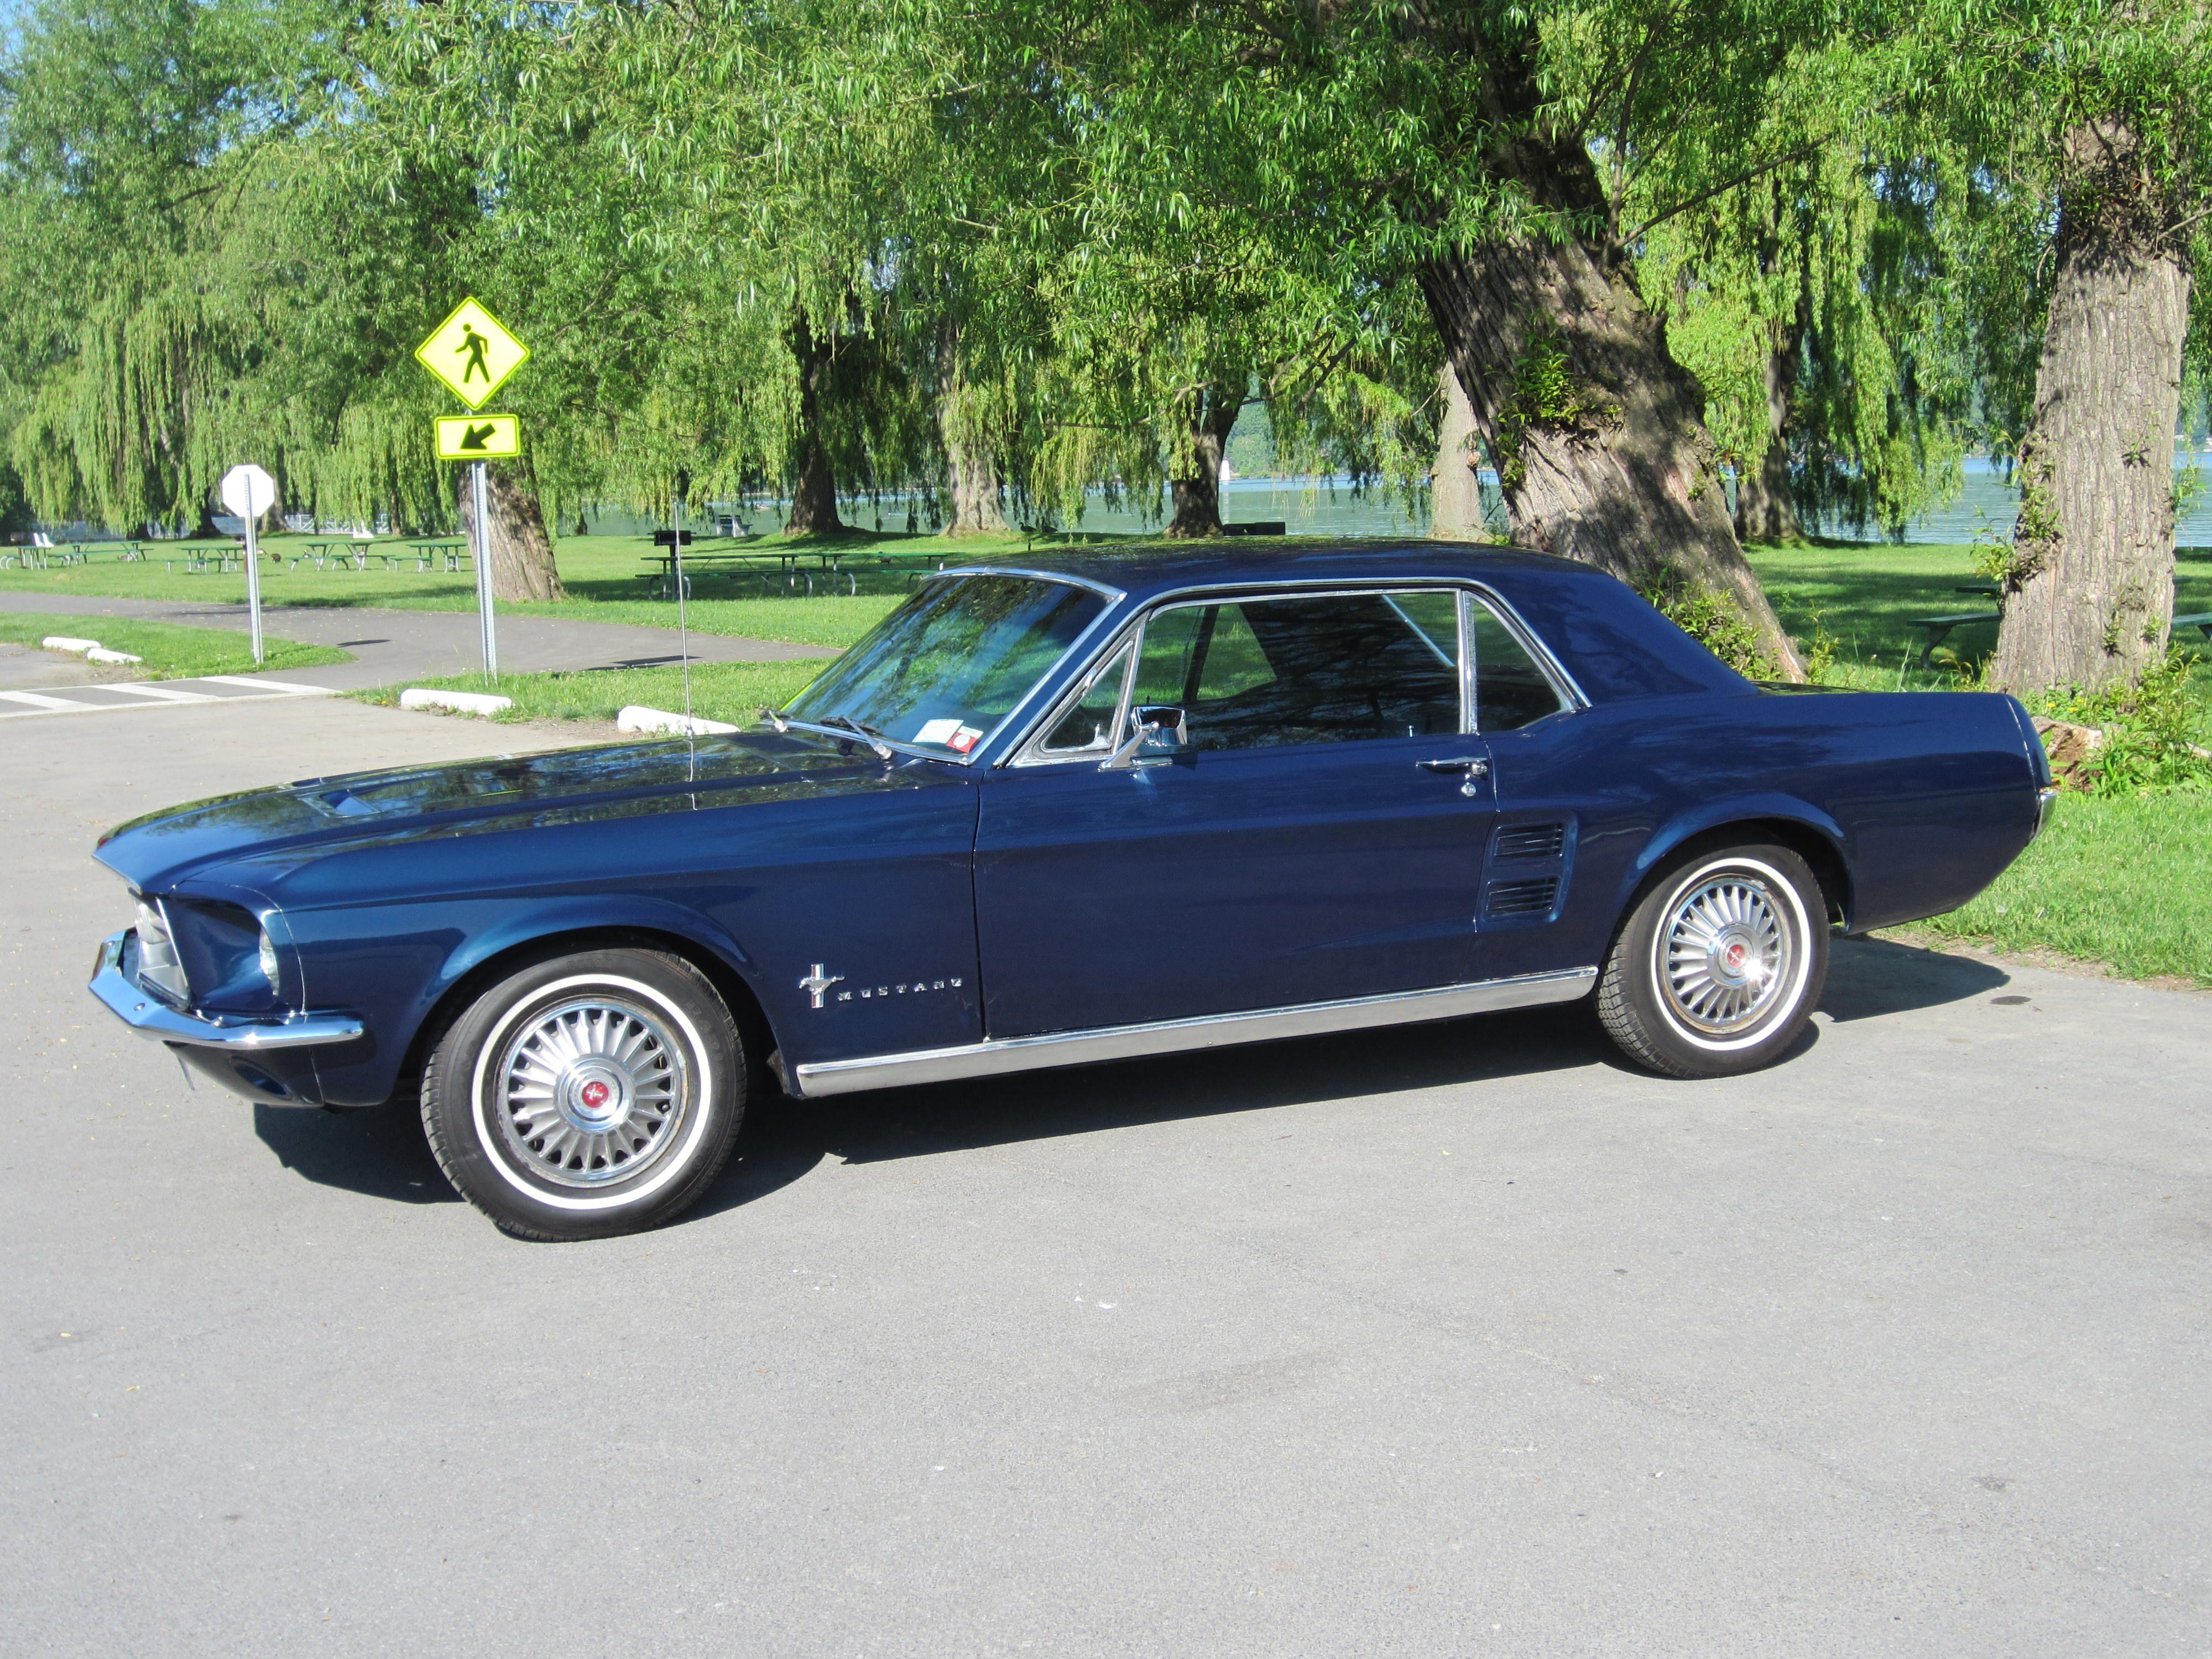 1966 Mustang Nightmist Blue Www Pixshark Com Images